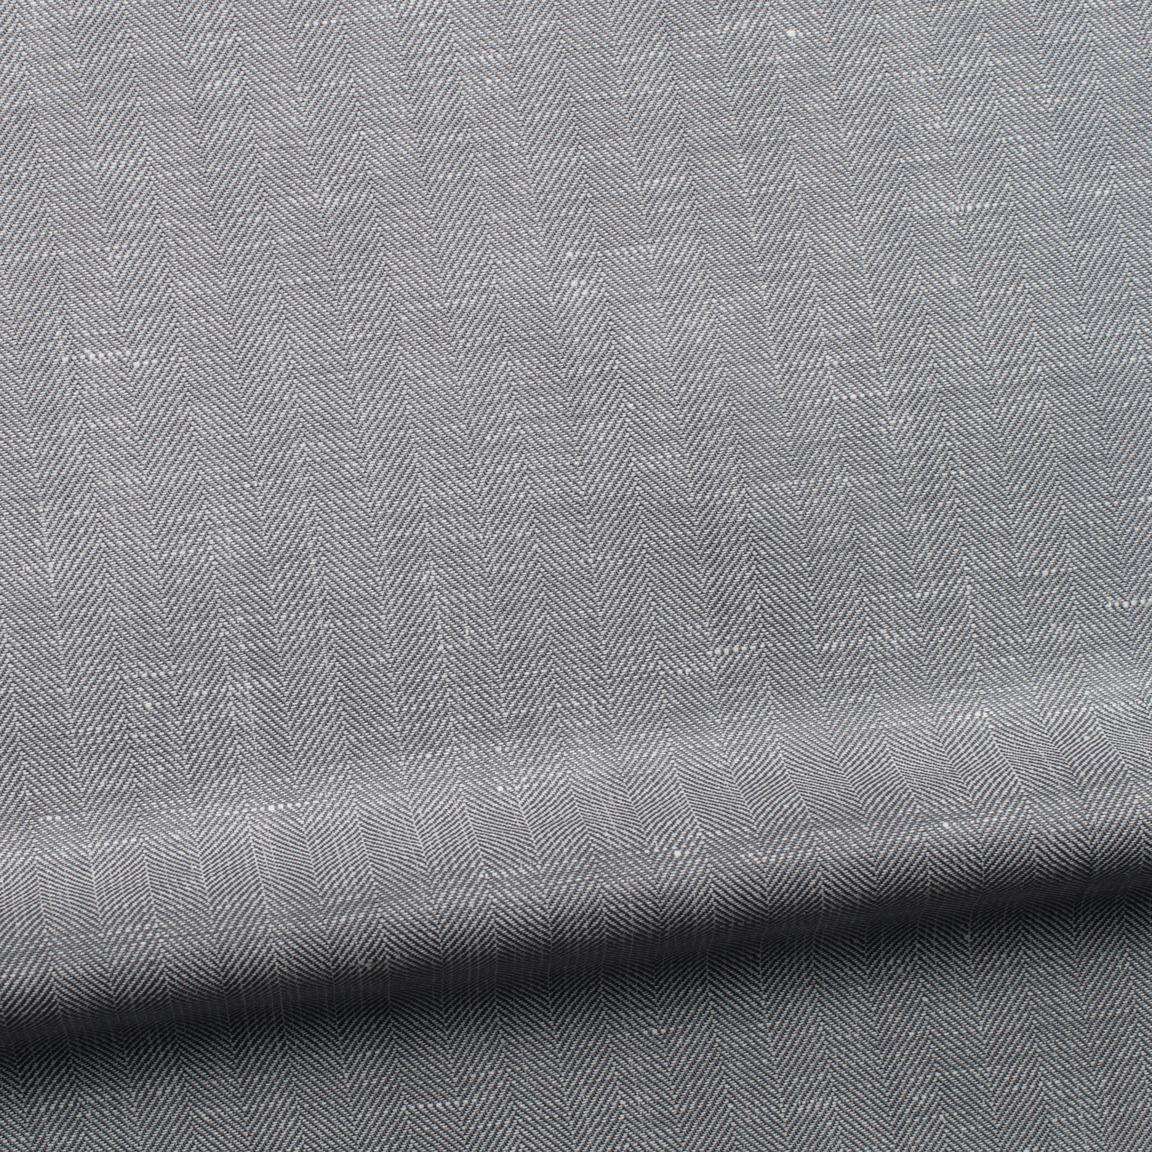 Tilburg, gray